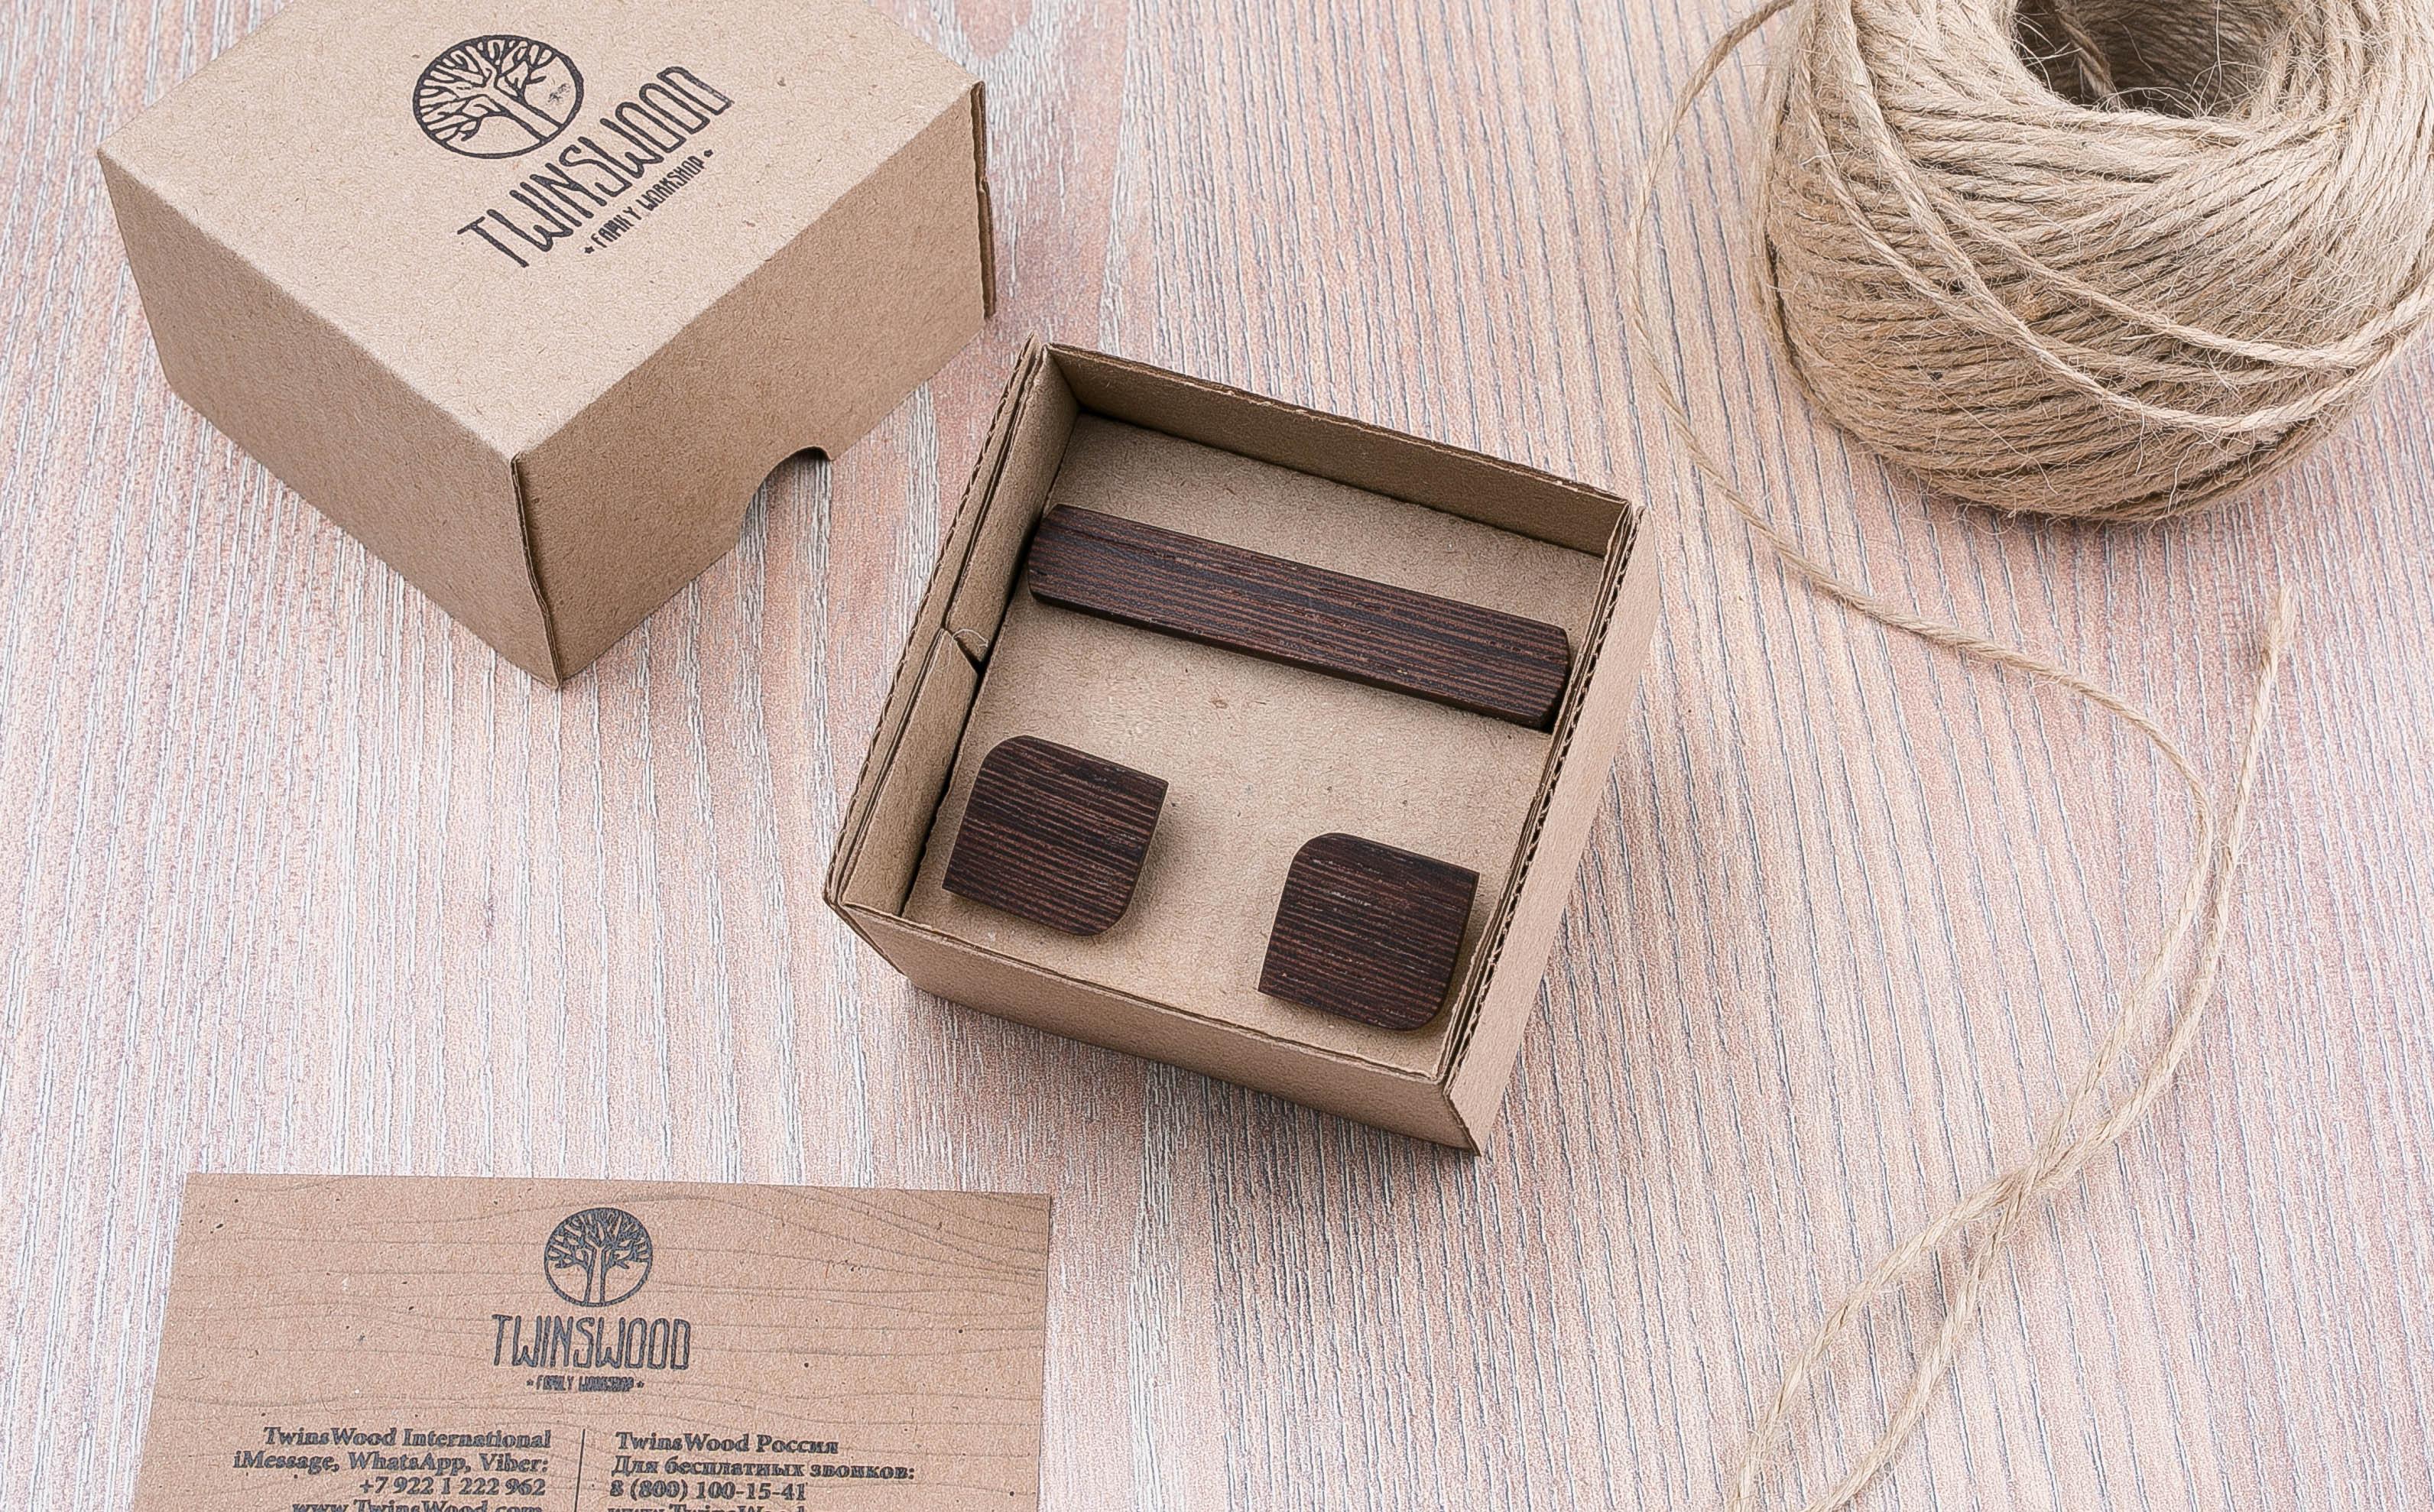 Комплект: Скругленные запонки из дерева и Деревянный зажим для галстука. Массив венге. Гравировка инициалов. Упаковка в комплекте